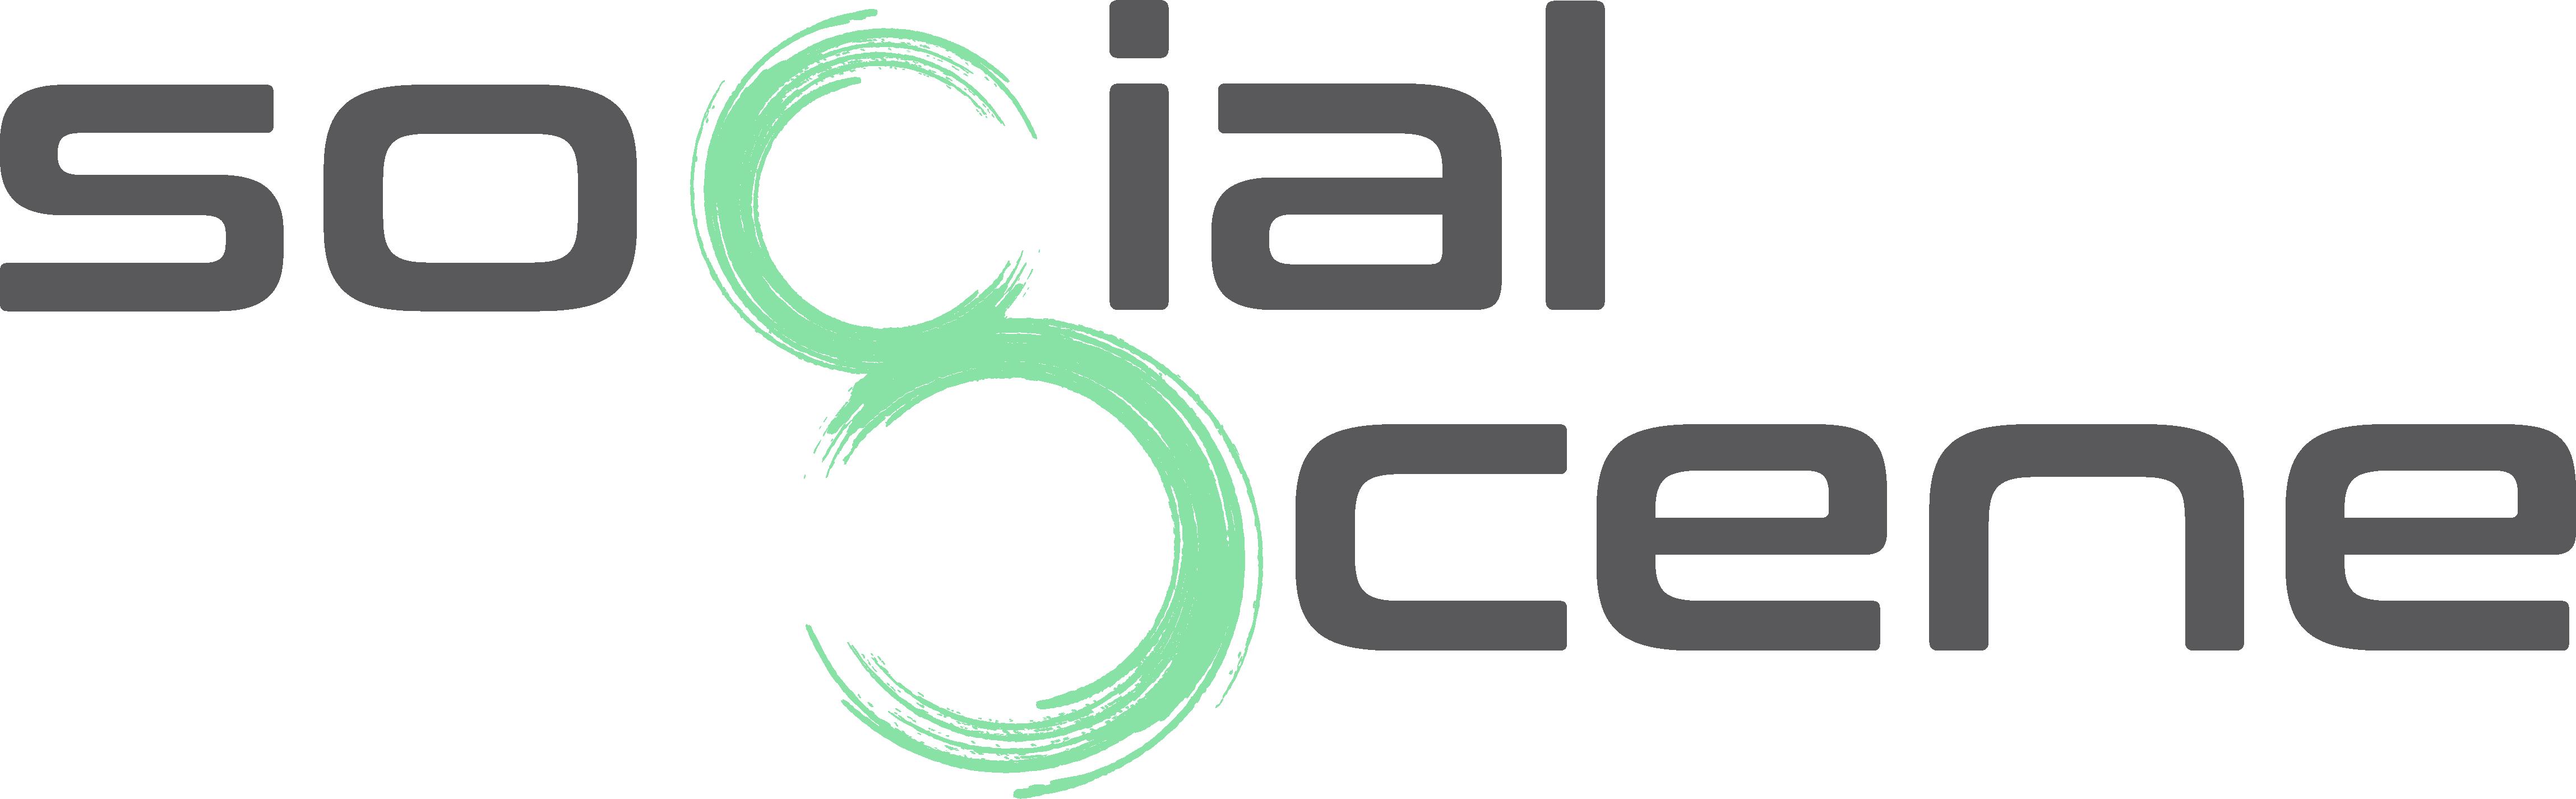 SocialScene_Vector-1.png